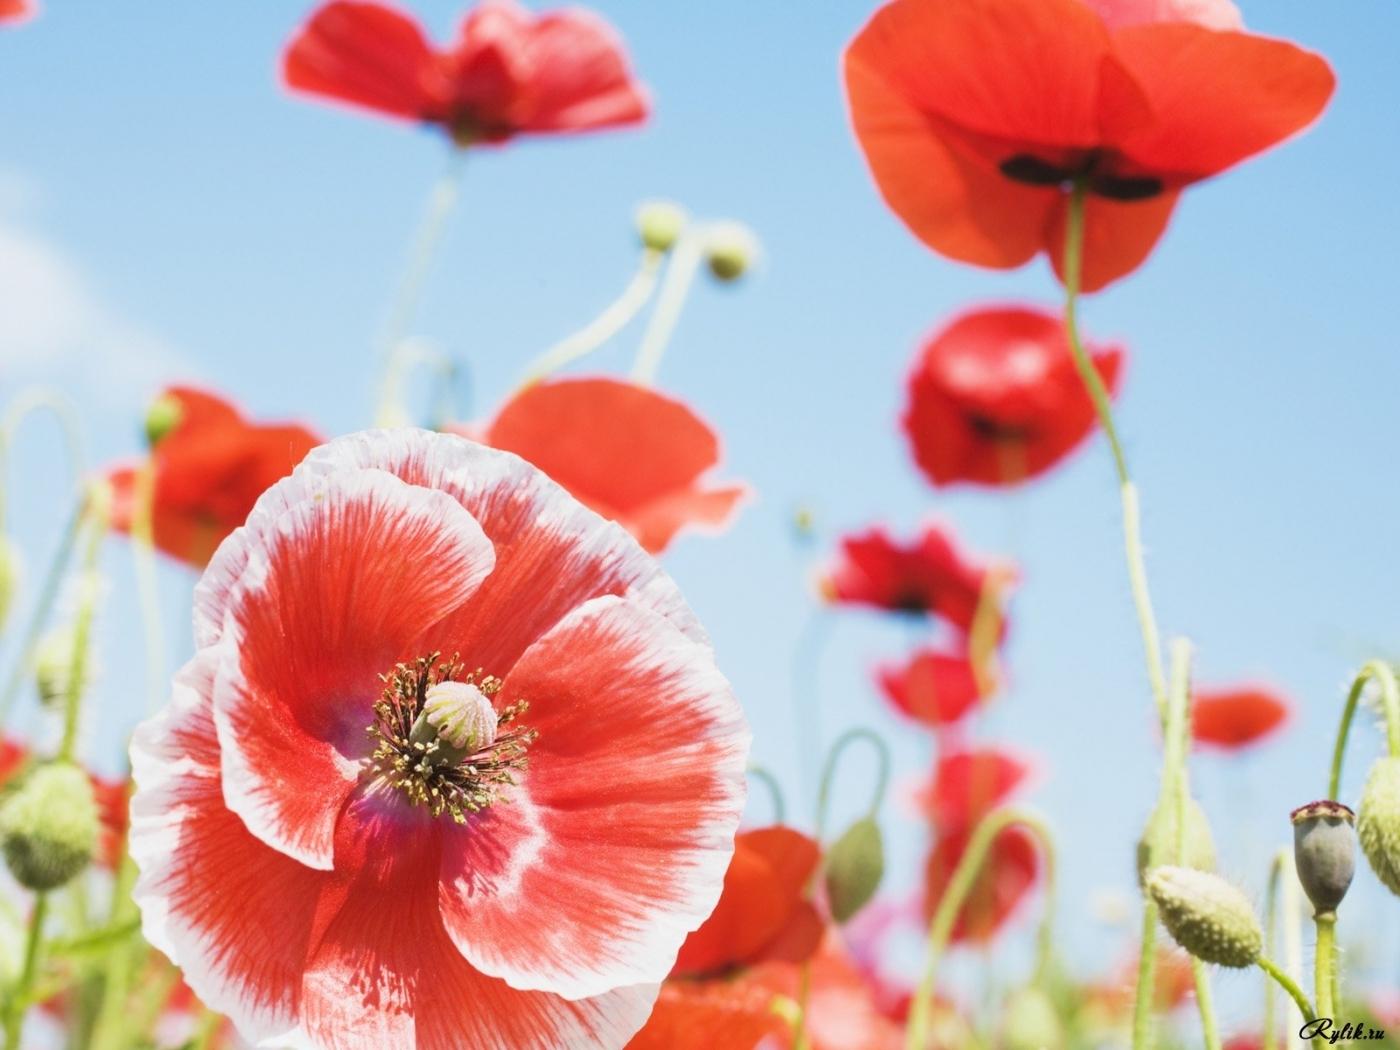 27241 скачать обои Растения, Цветы, Маки - заставки и картинки бесплатно